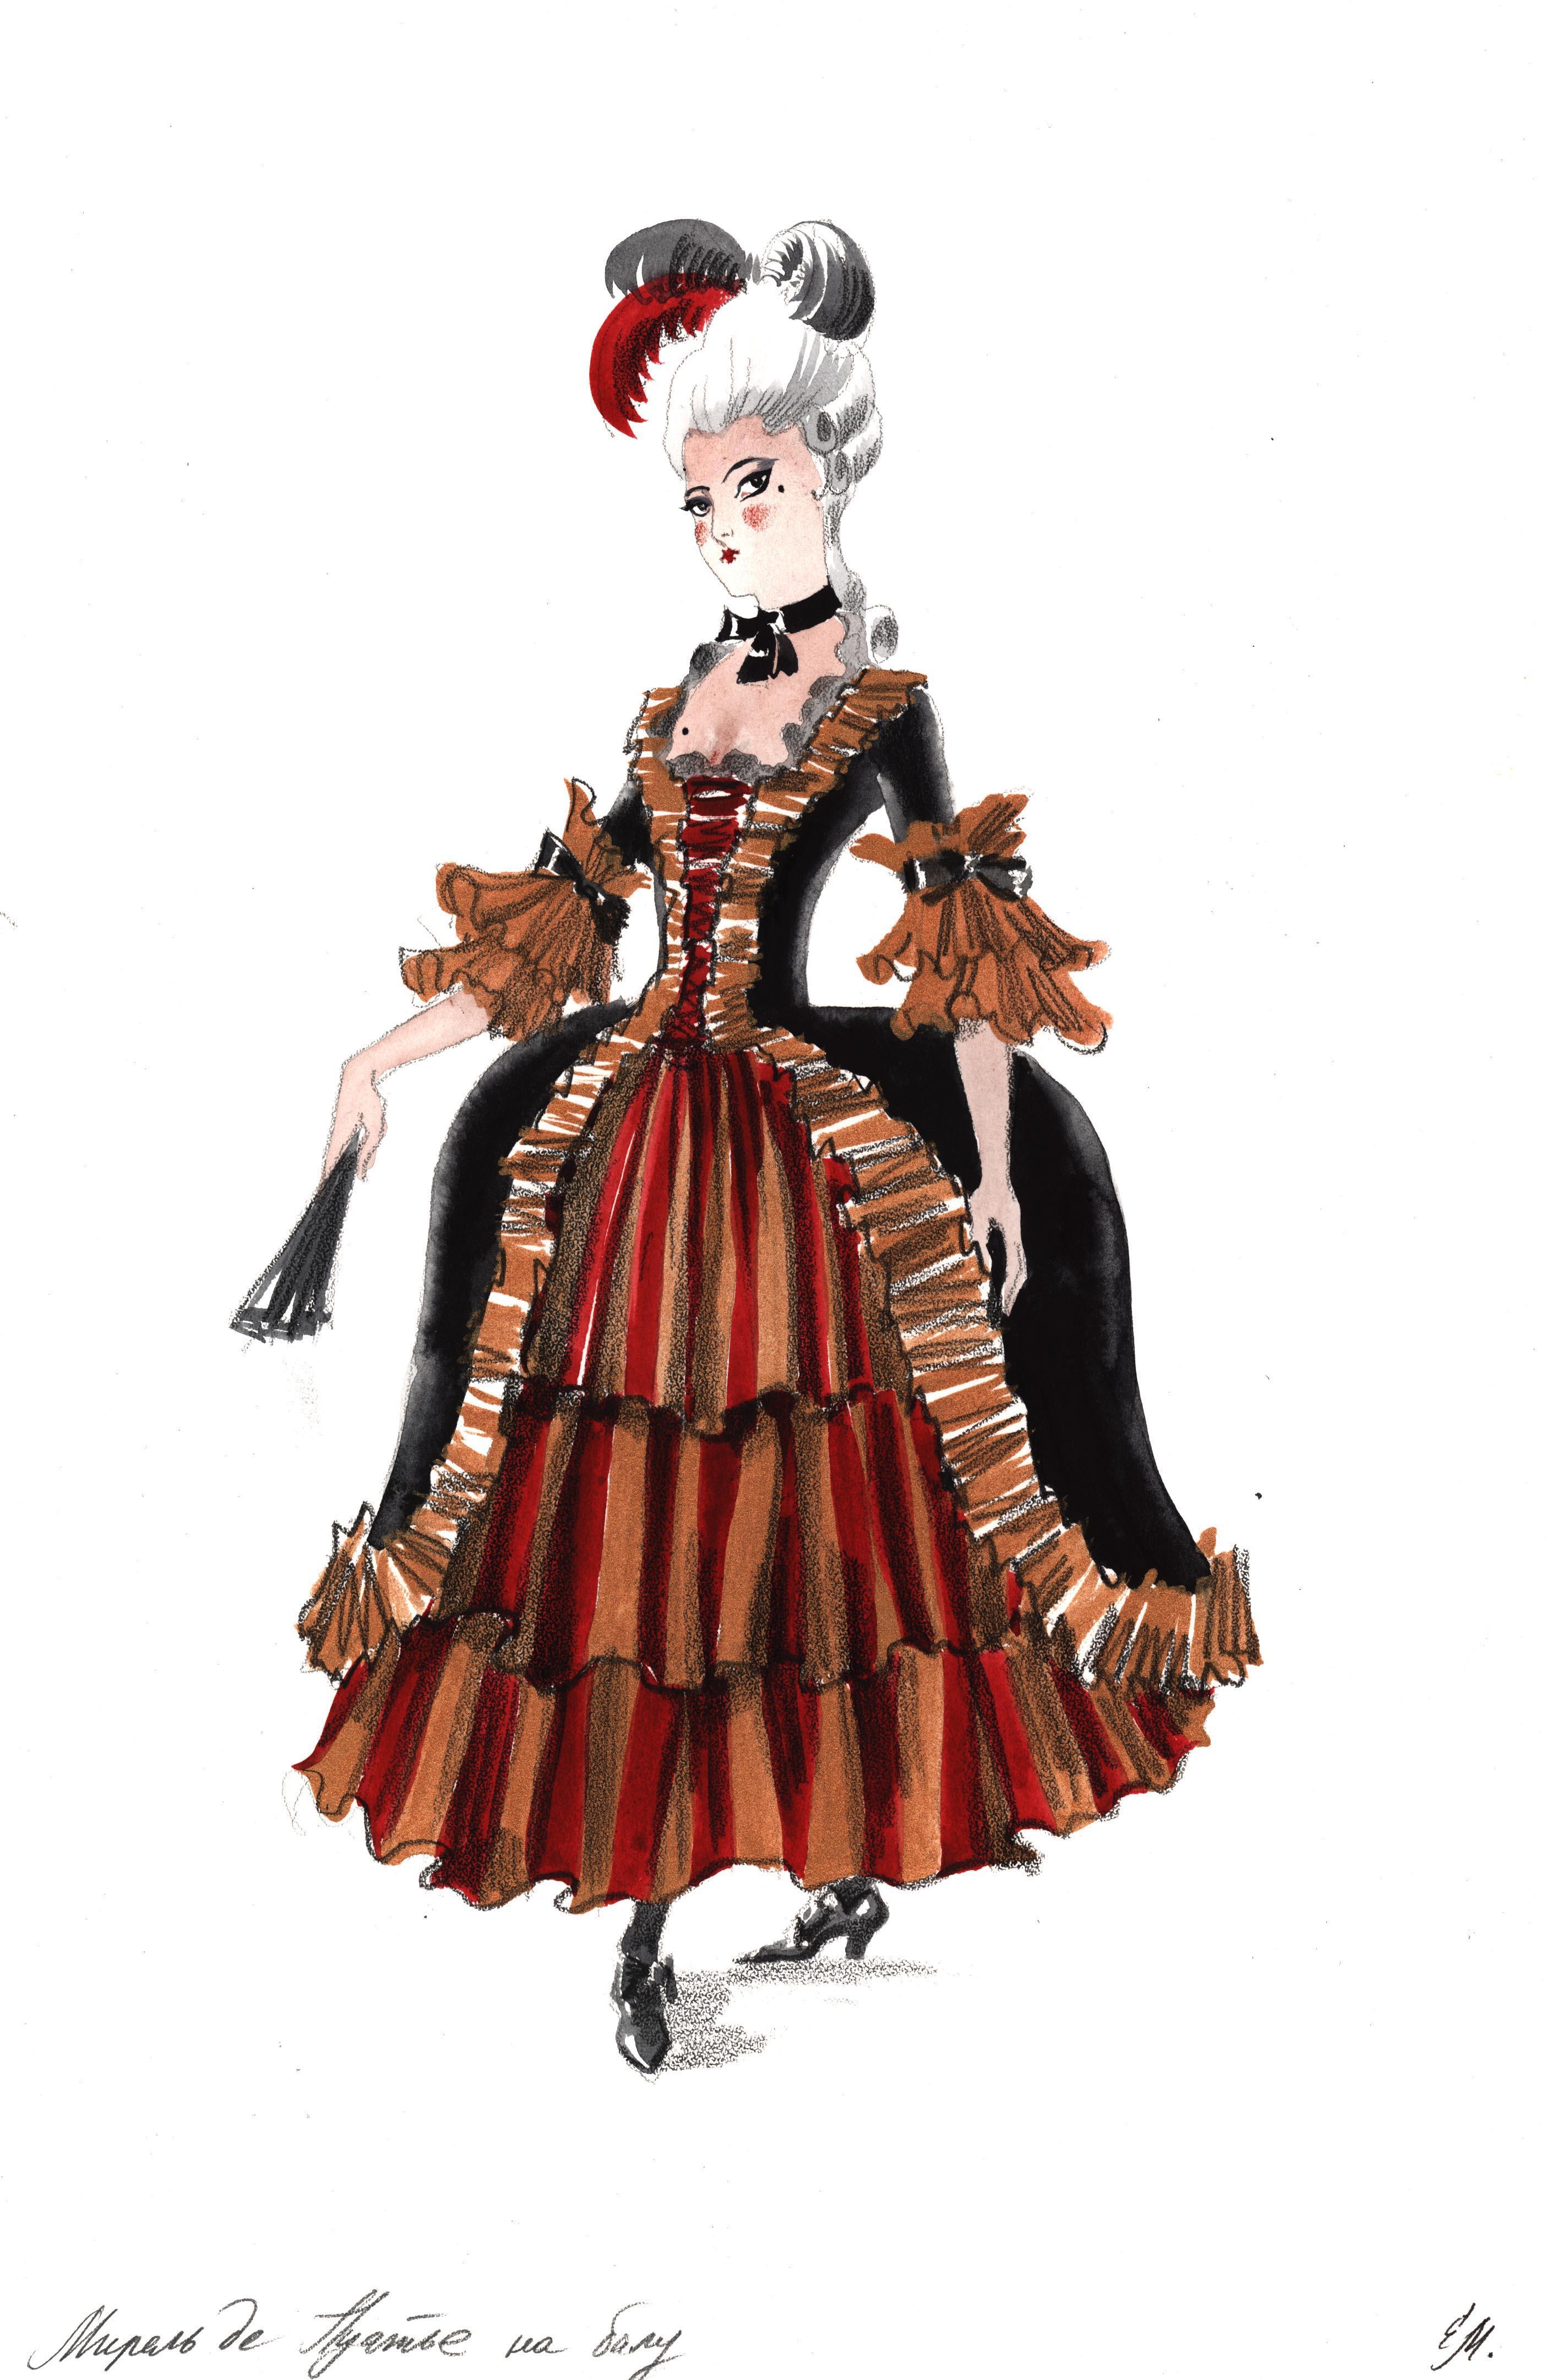 Mirelle de Poitiers. Ball